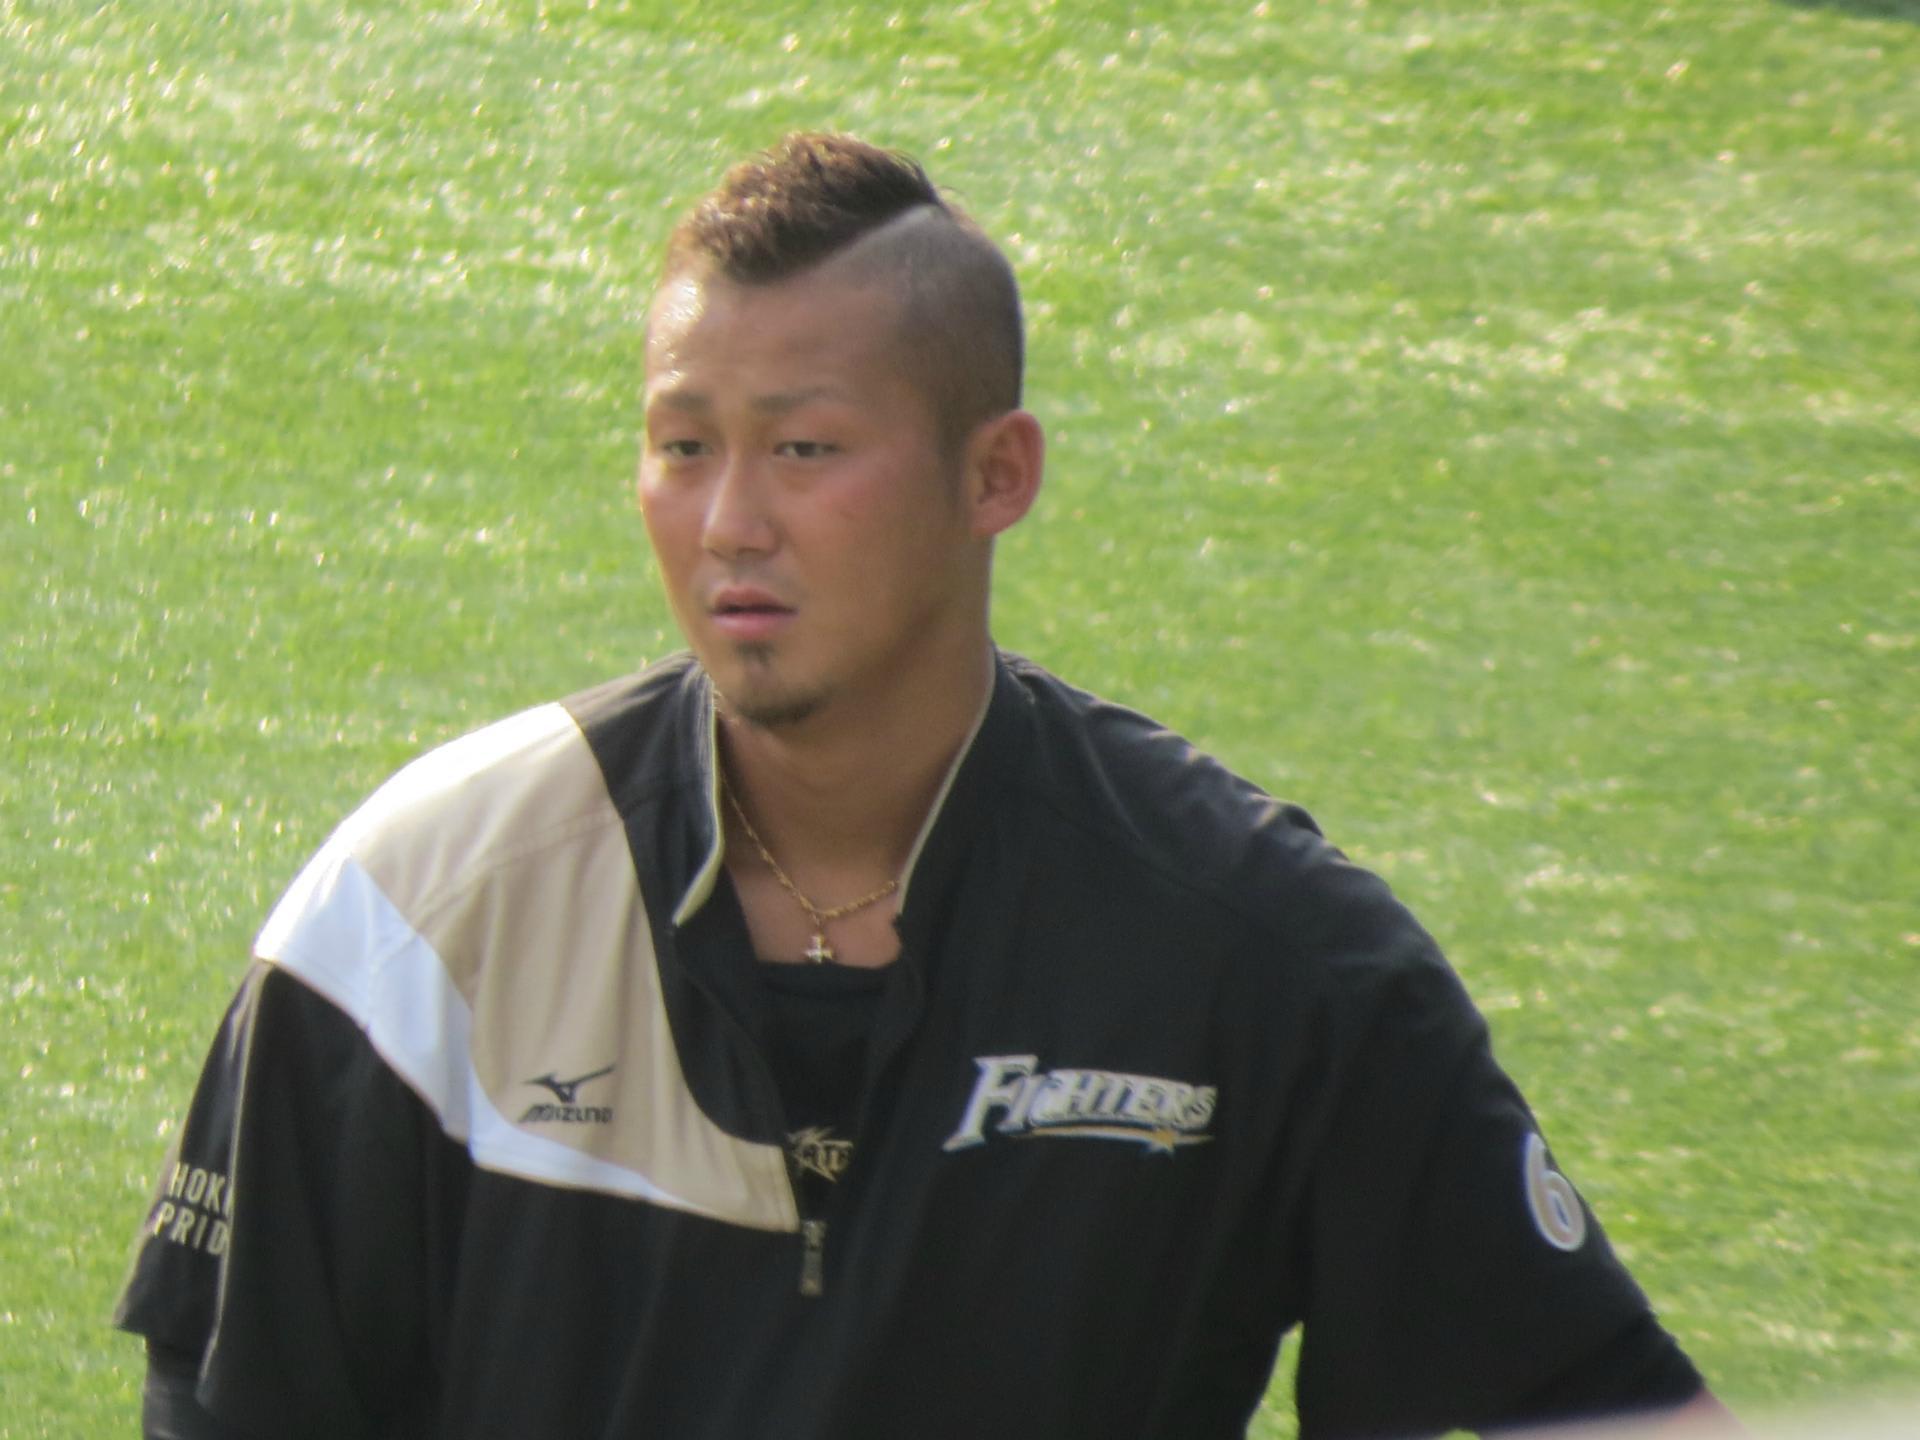 中田翔 に対する画像結果